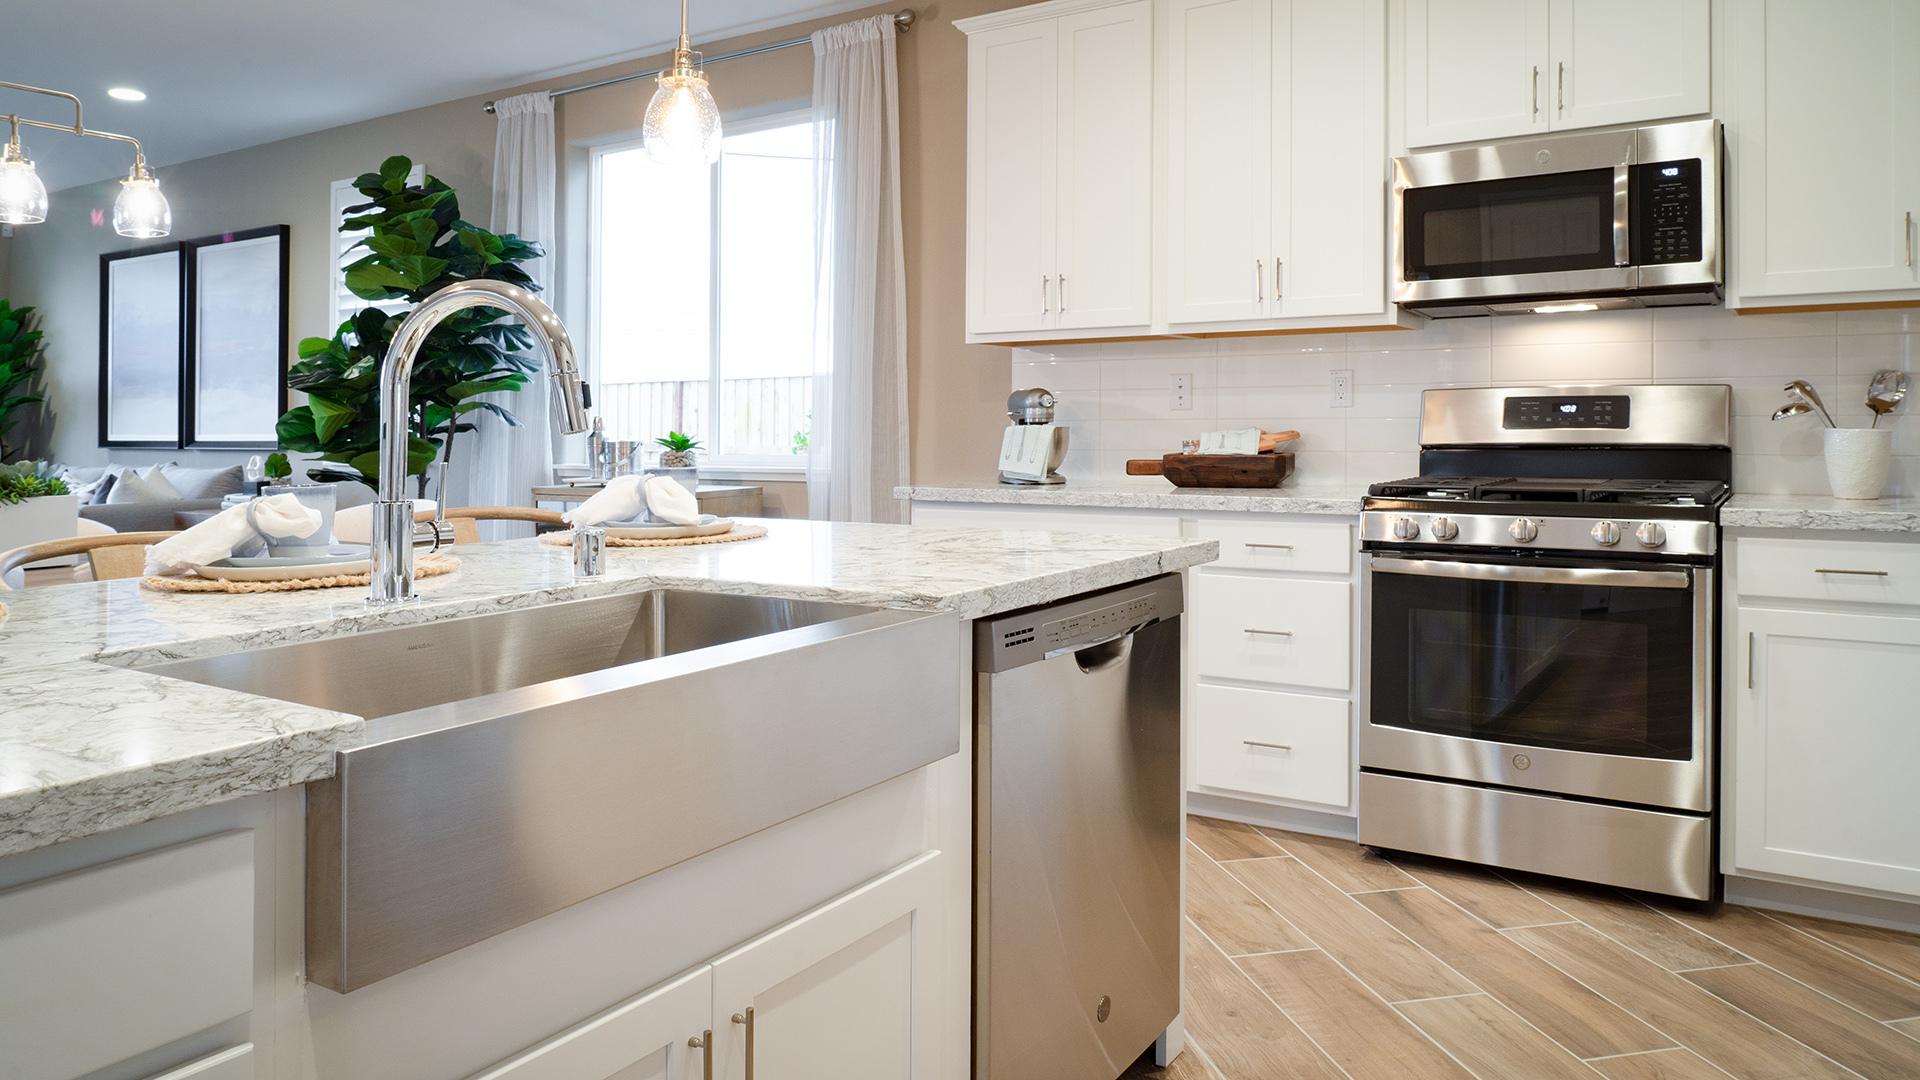 DeNova Homes are designed by Top Designers